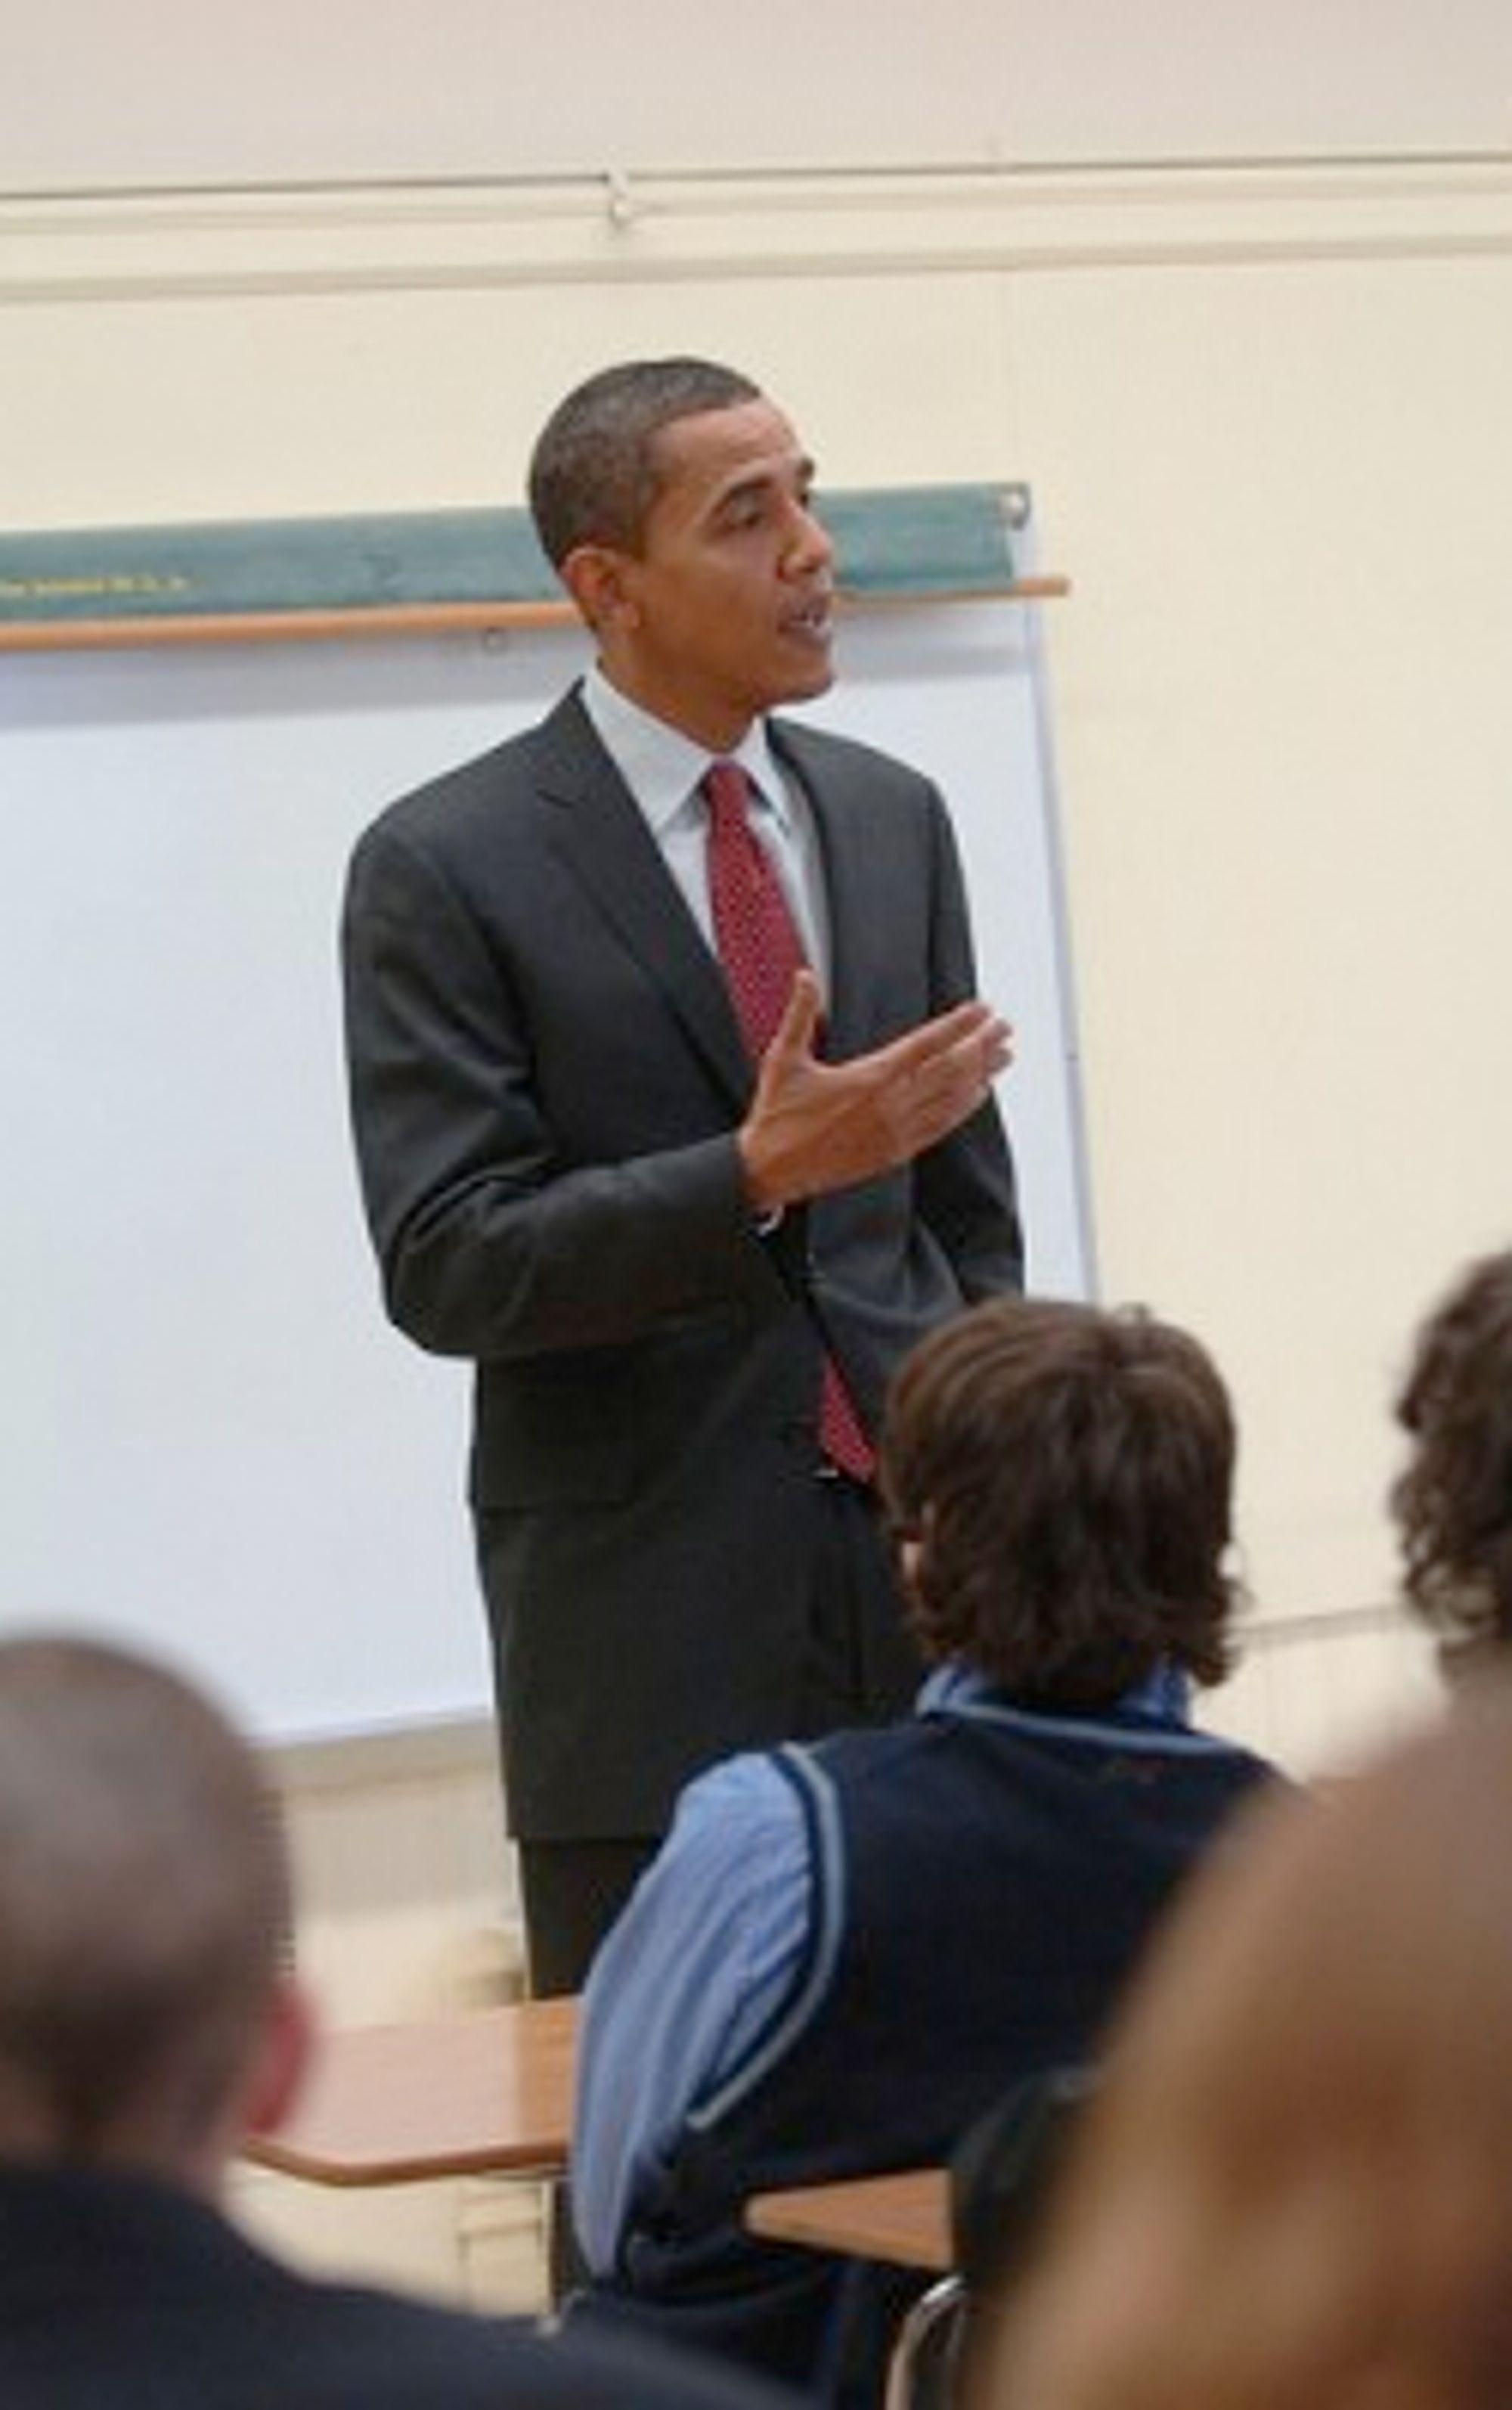 Barack Obama er populær blant unge - noe takket være SMS. (Foto: Obama.com)